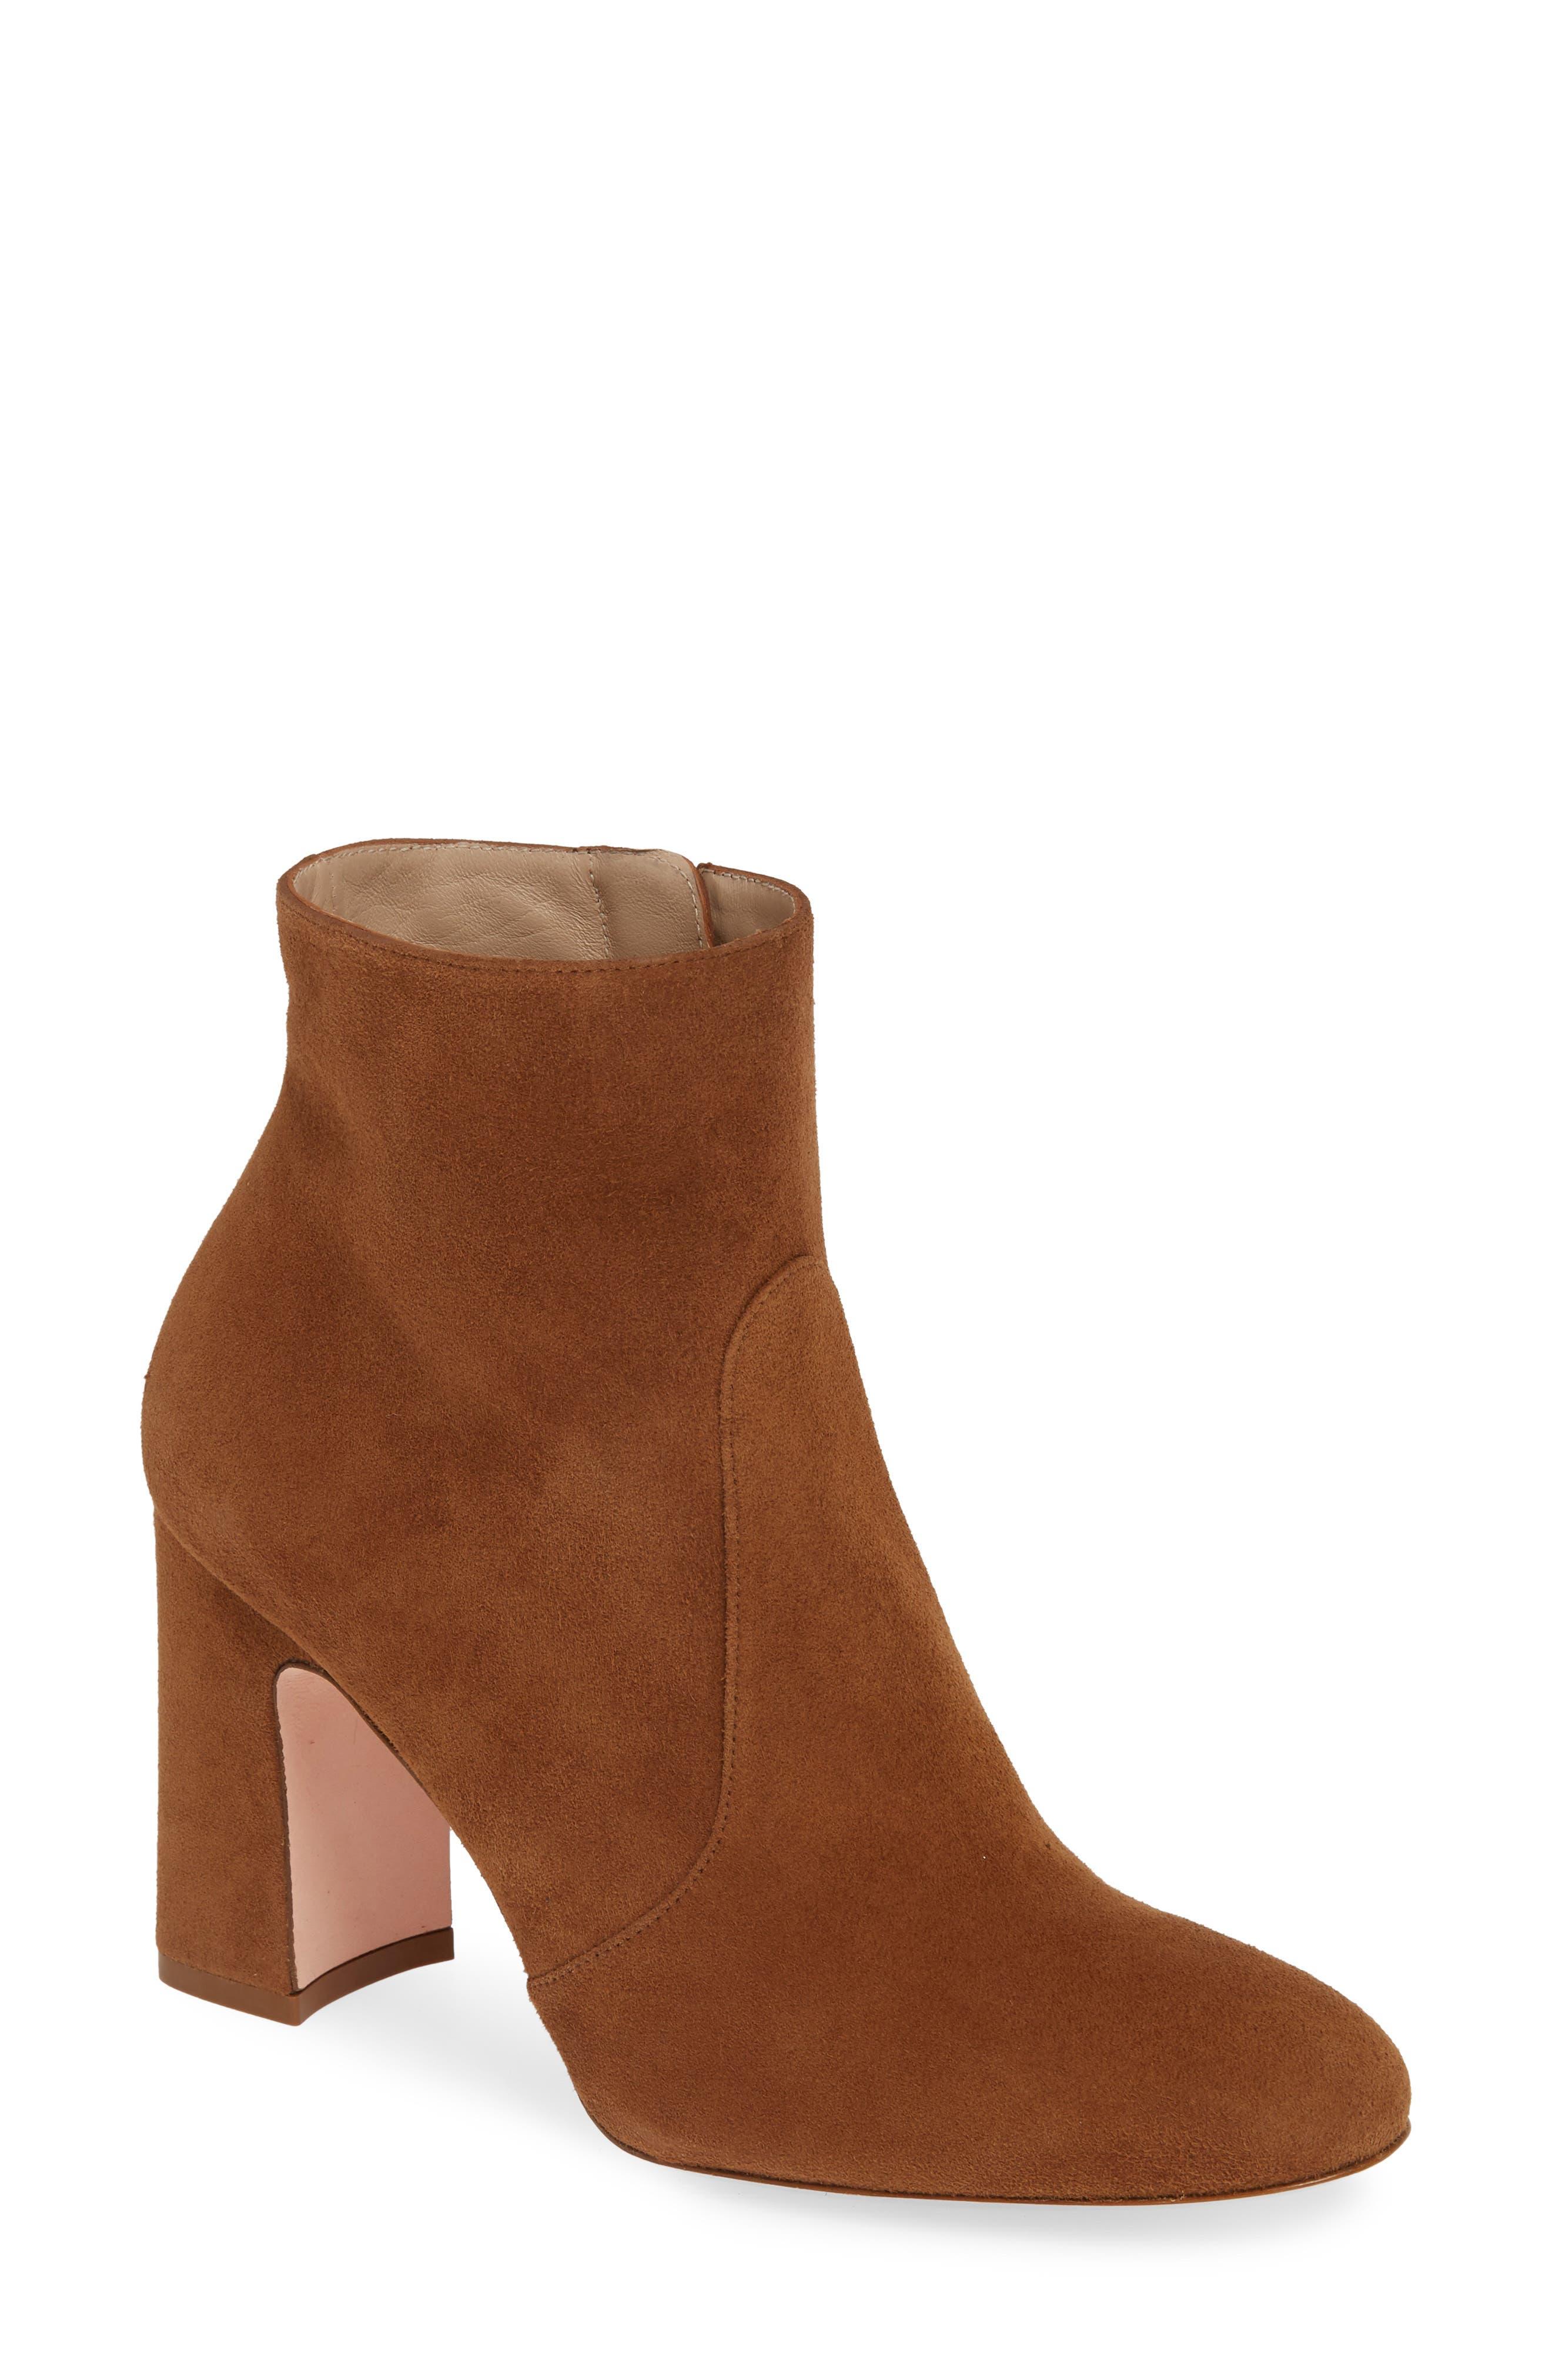 6e6942b60d2 Stuart Weitzman Boots for Women